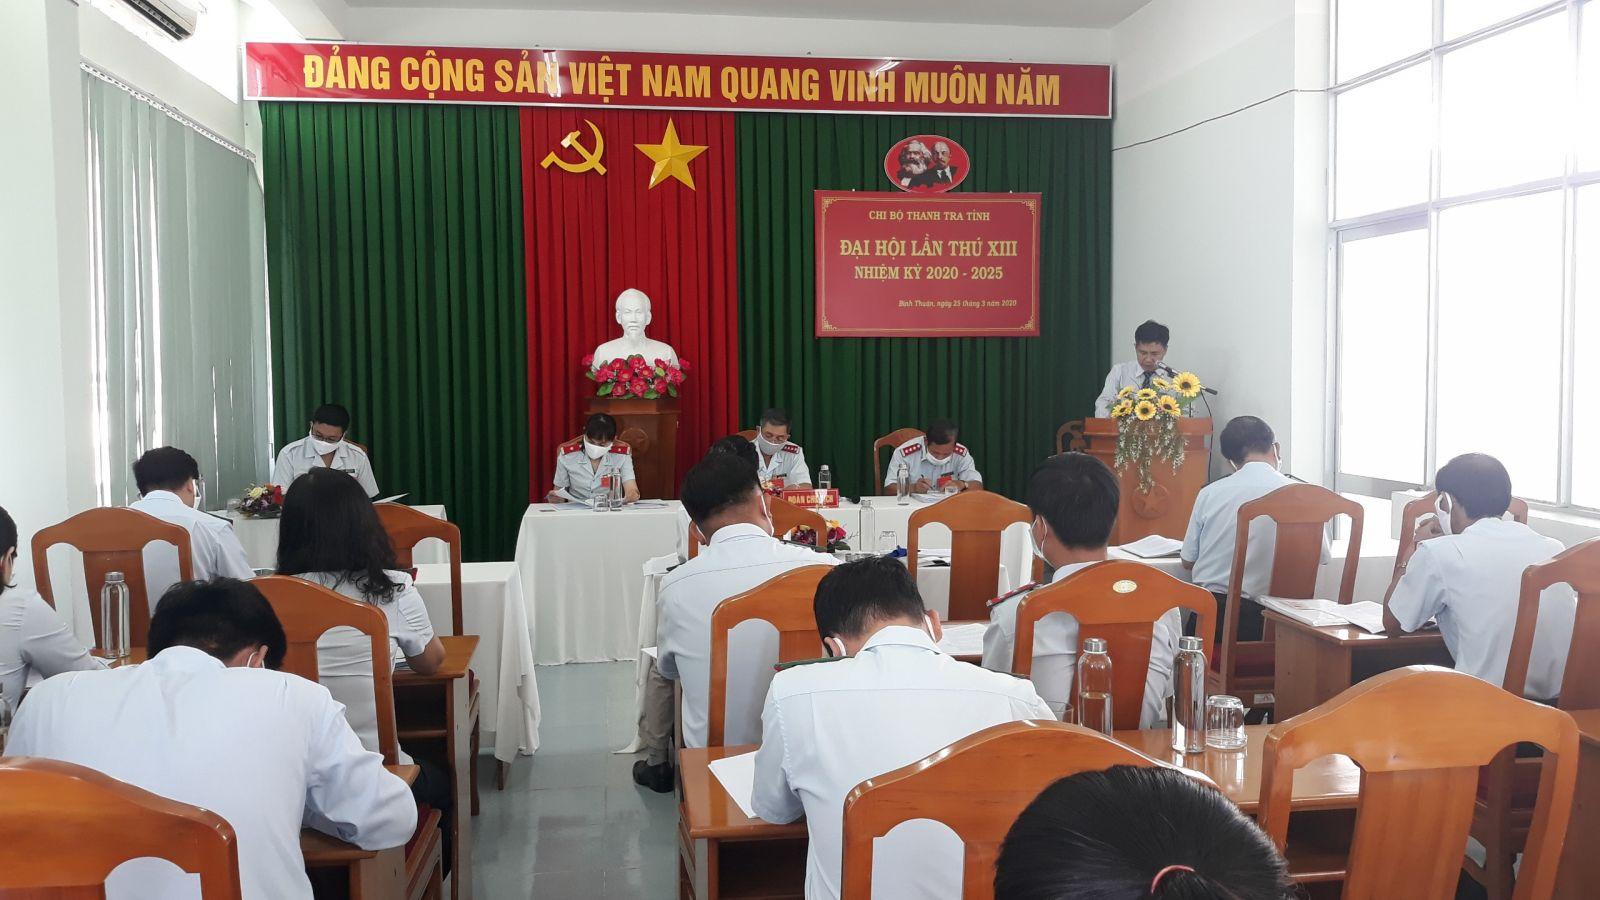 Hình Chi bộ Thanh tra tỉnh tổ chức Đại hội lần thứ XIII, nhiệm kỳ 2020 - 2025